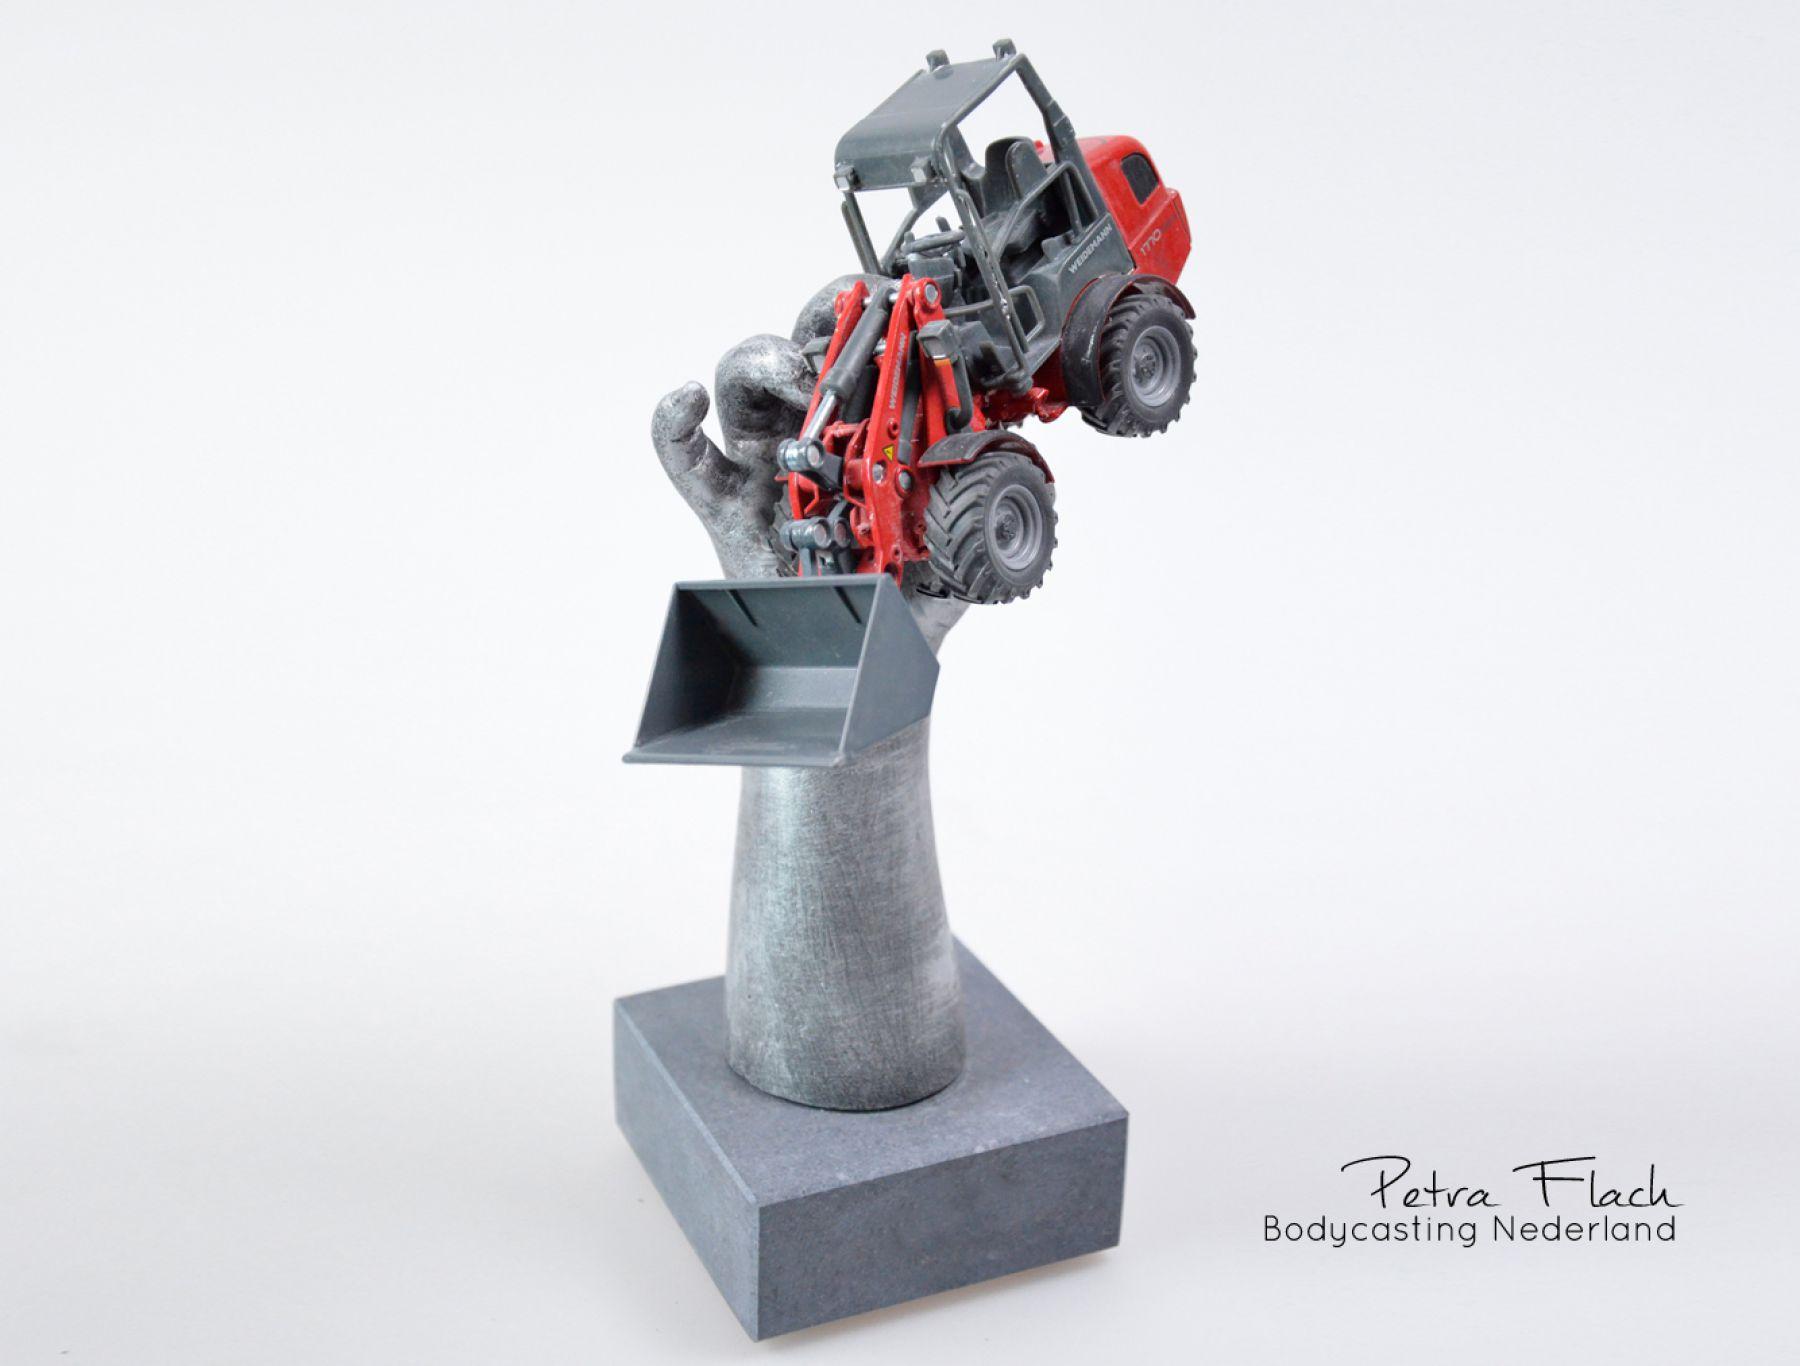 Bodycasting-lifecasting-handbeeld-hand-kinderhand-beeld-3D-casting-petraflach-handafdruk-reeuwijk-speelgoed